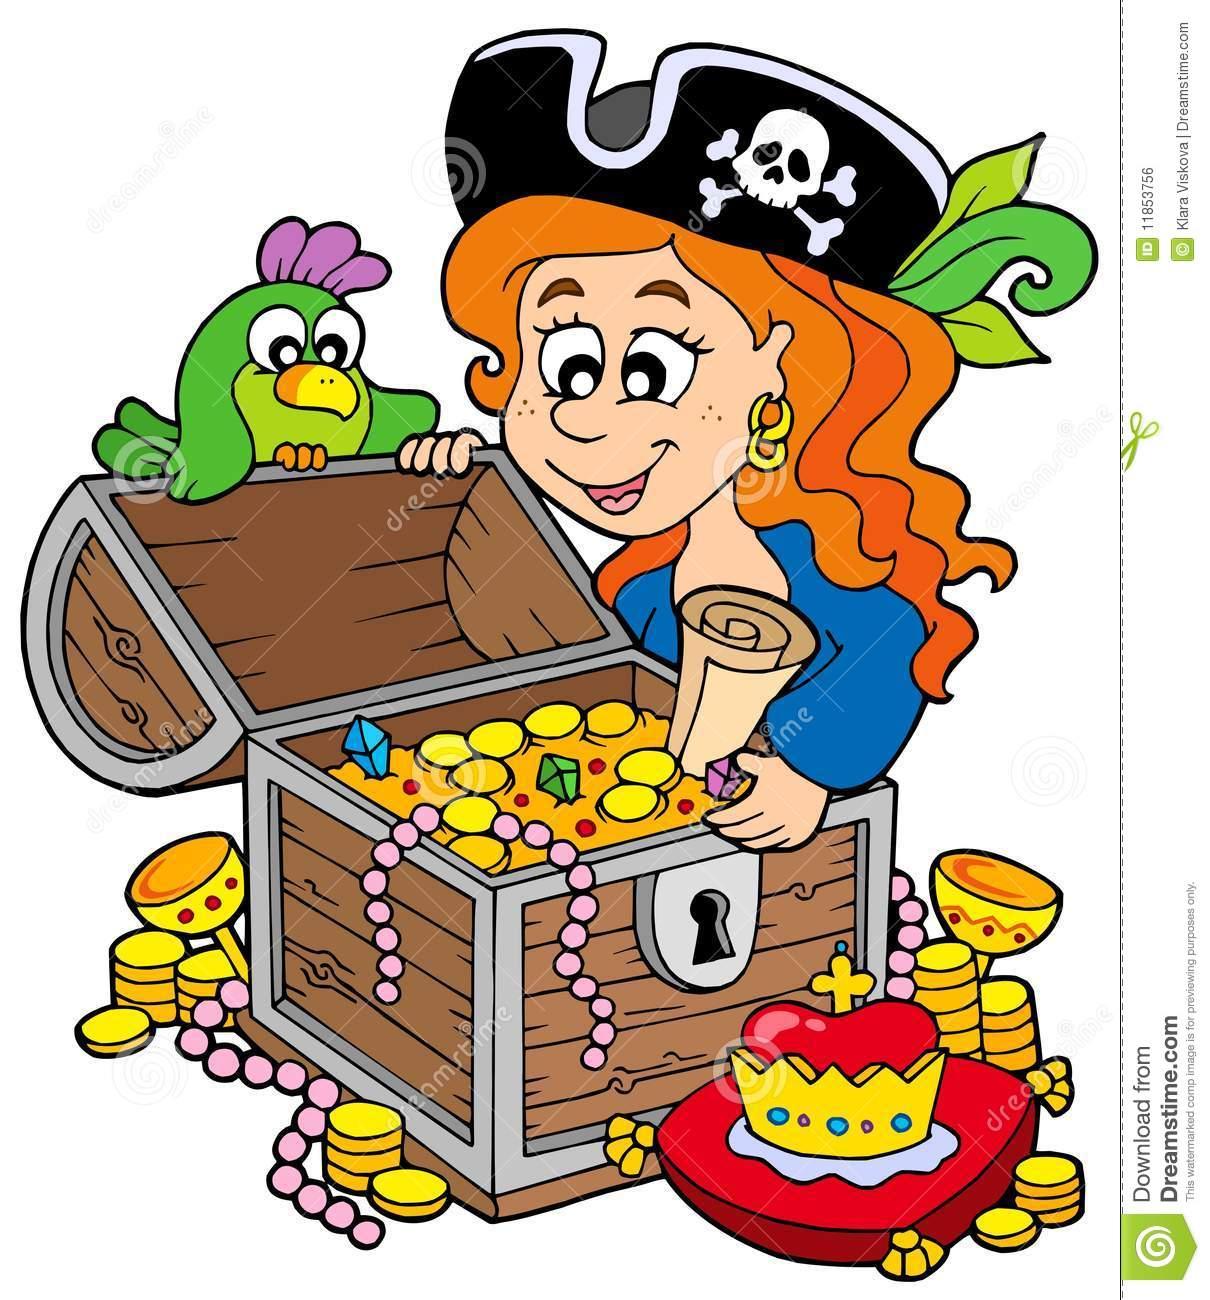 Treasure clipart pirate treasure Free Clipart Clipart pirate%20treasure%20clipart Treasure